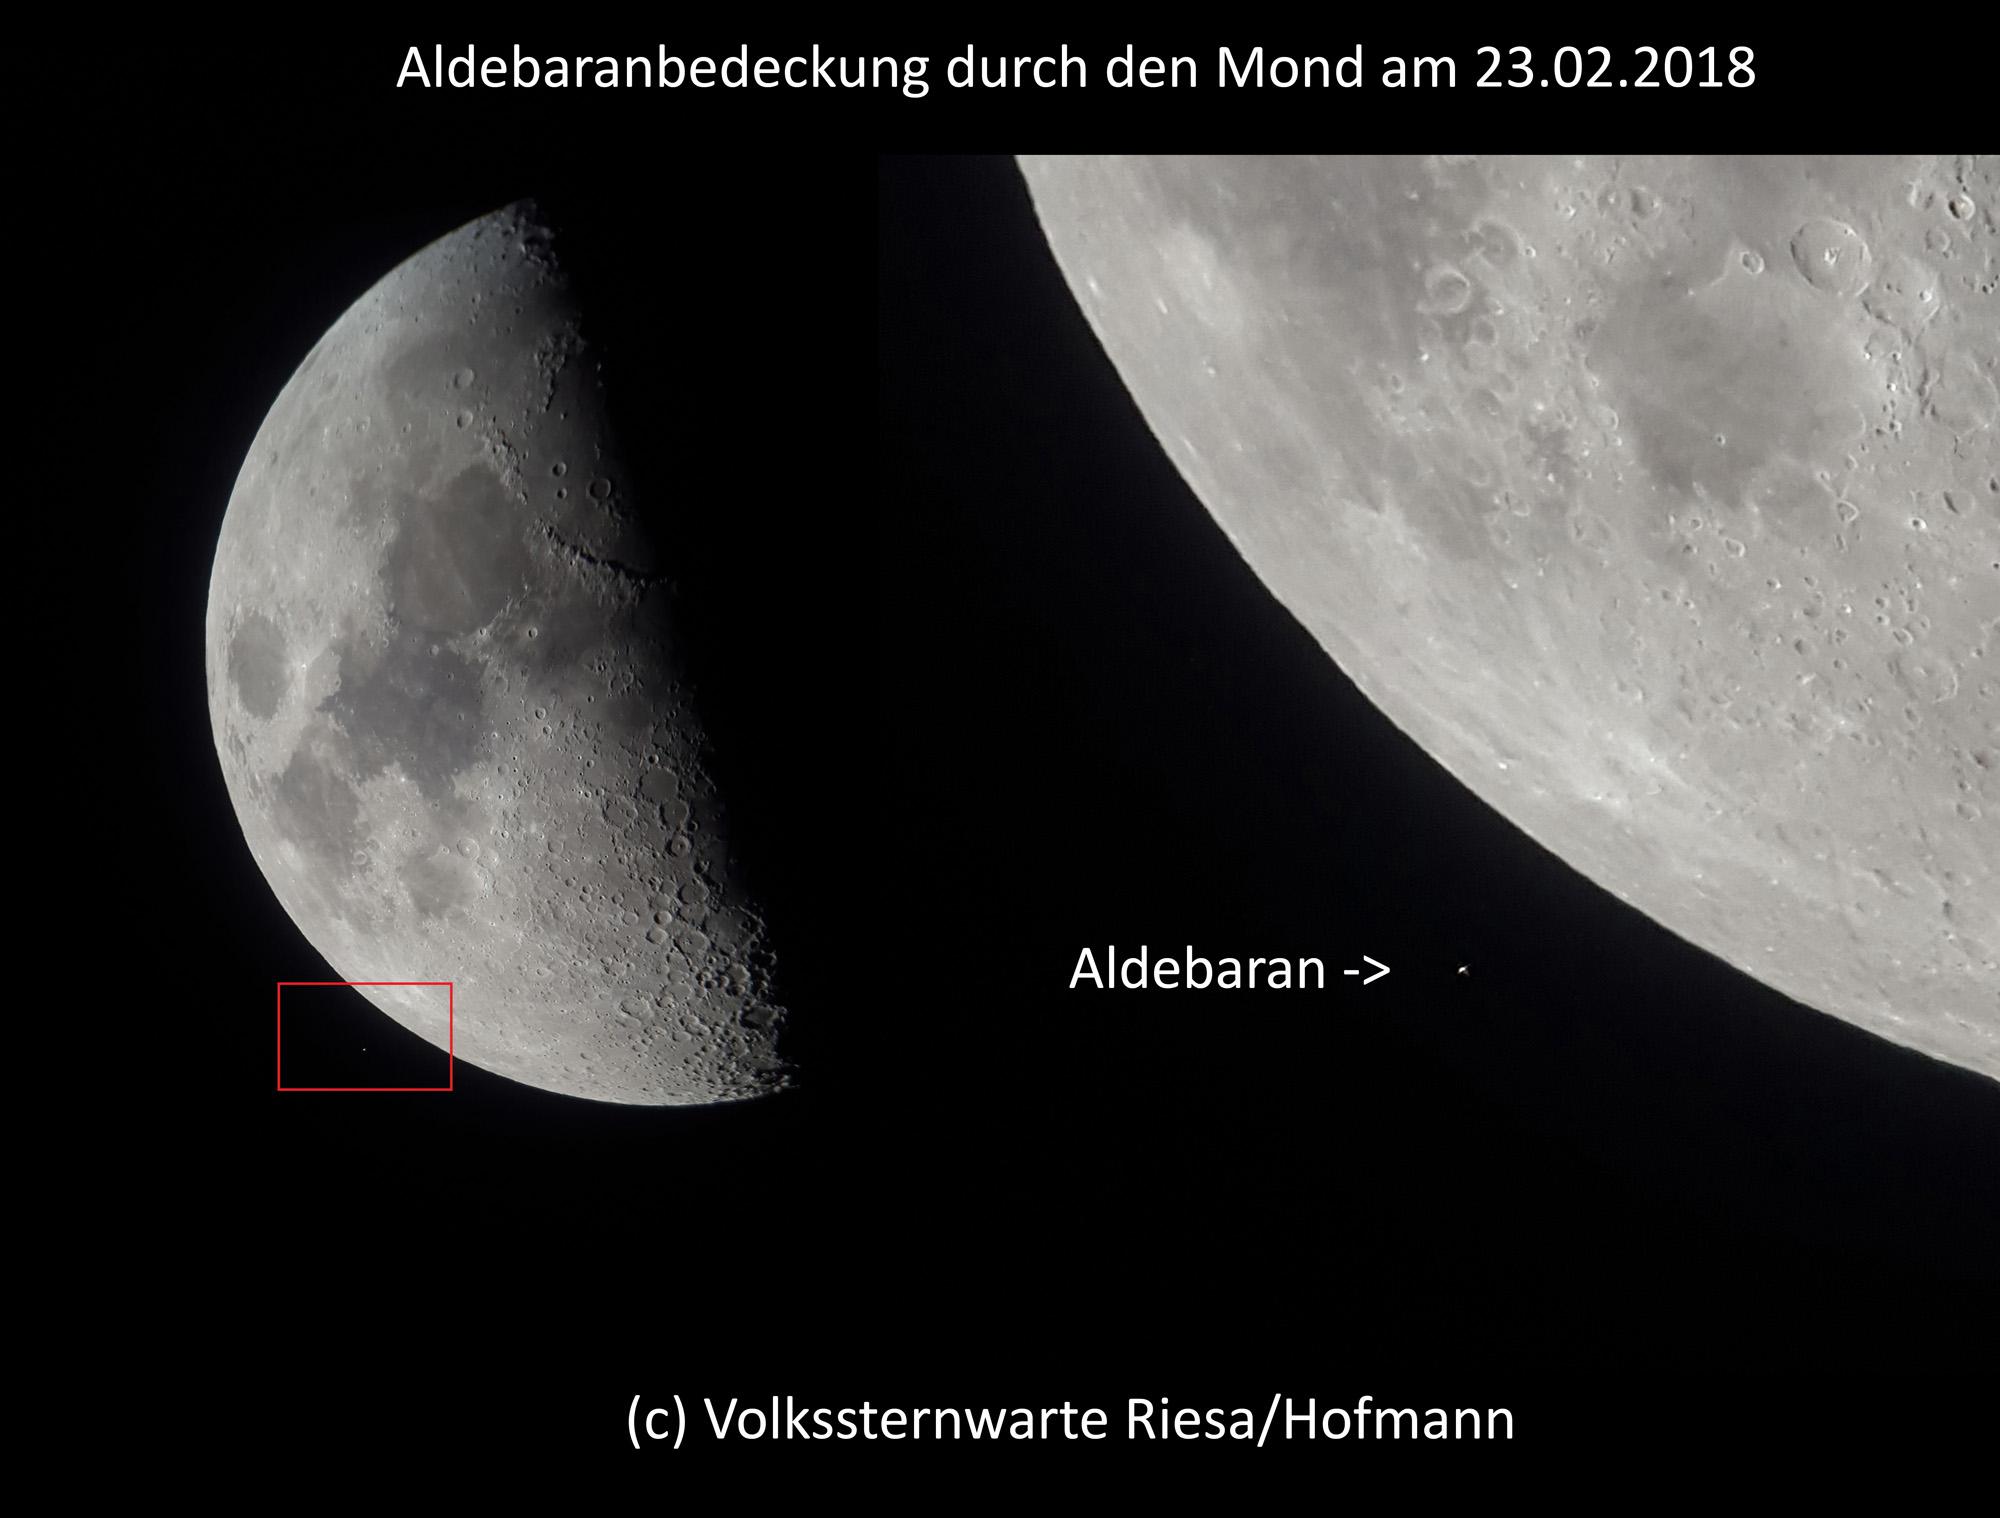 Aldebaranbedeckung durch den Mond.